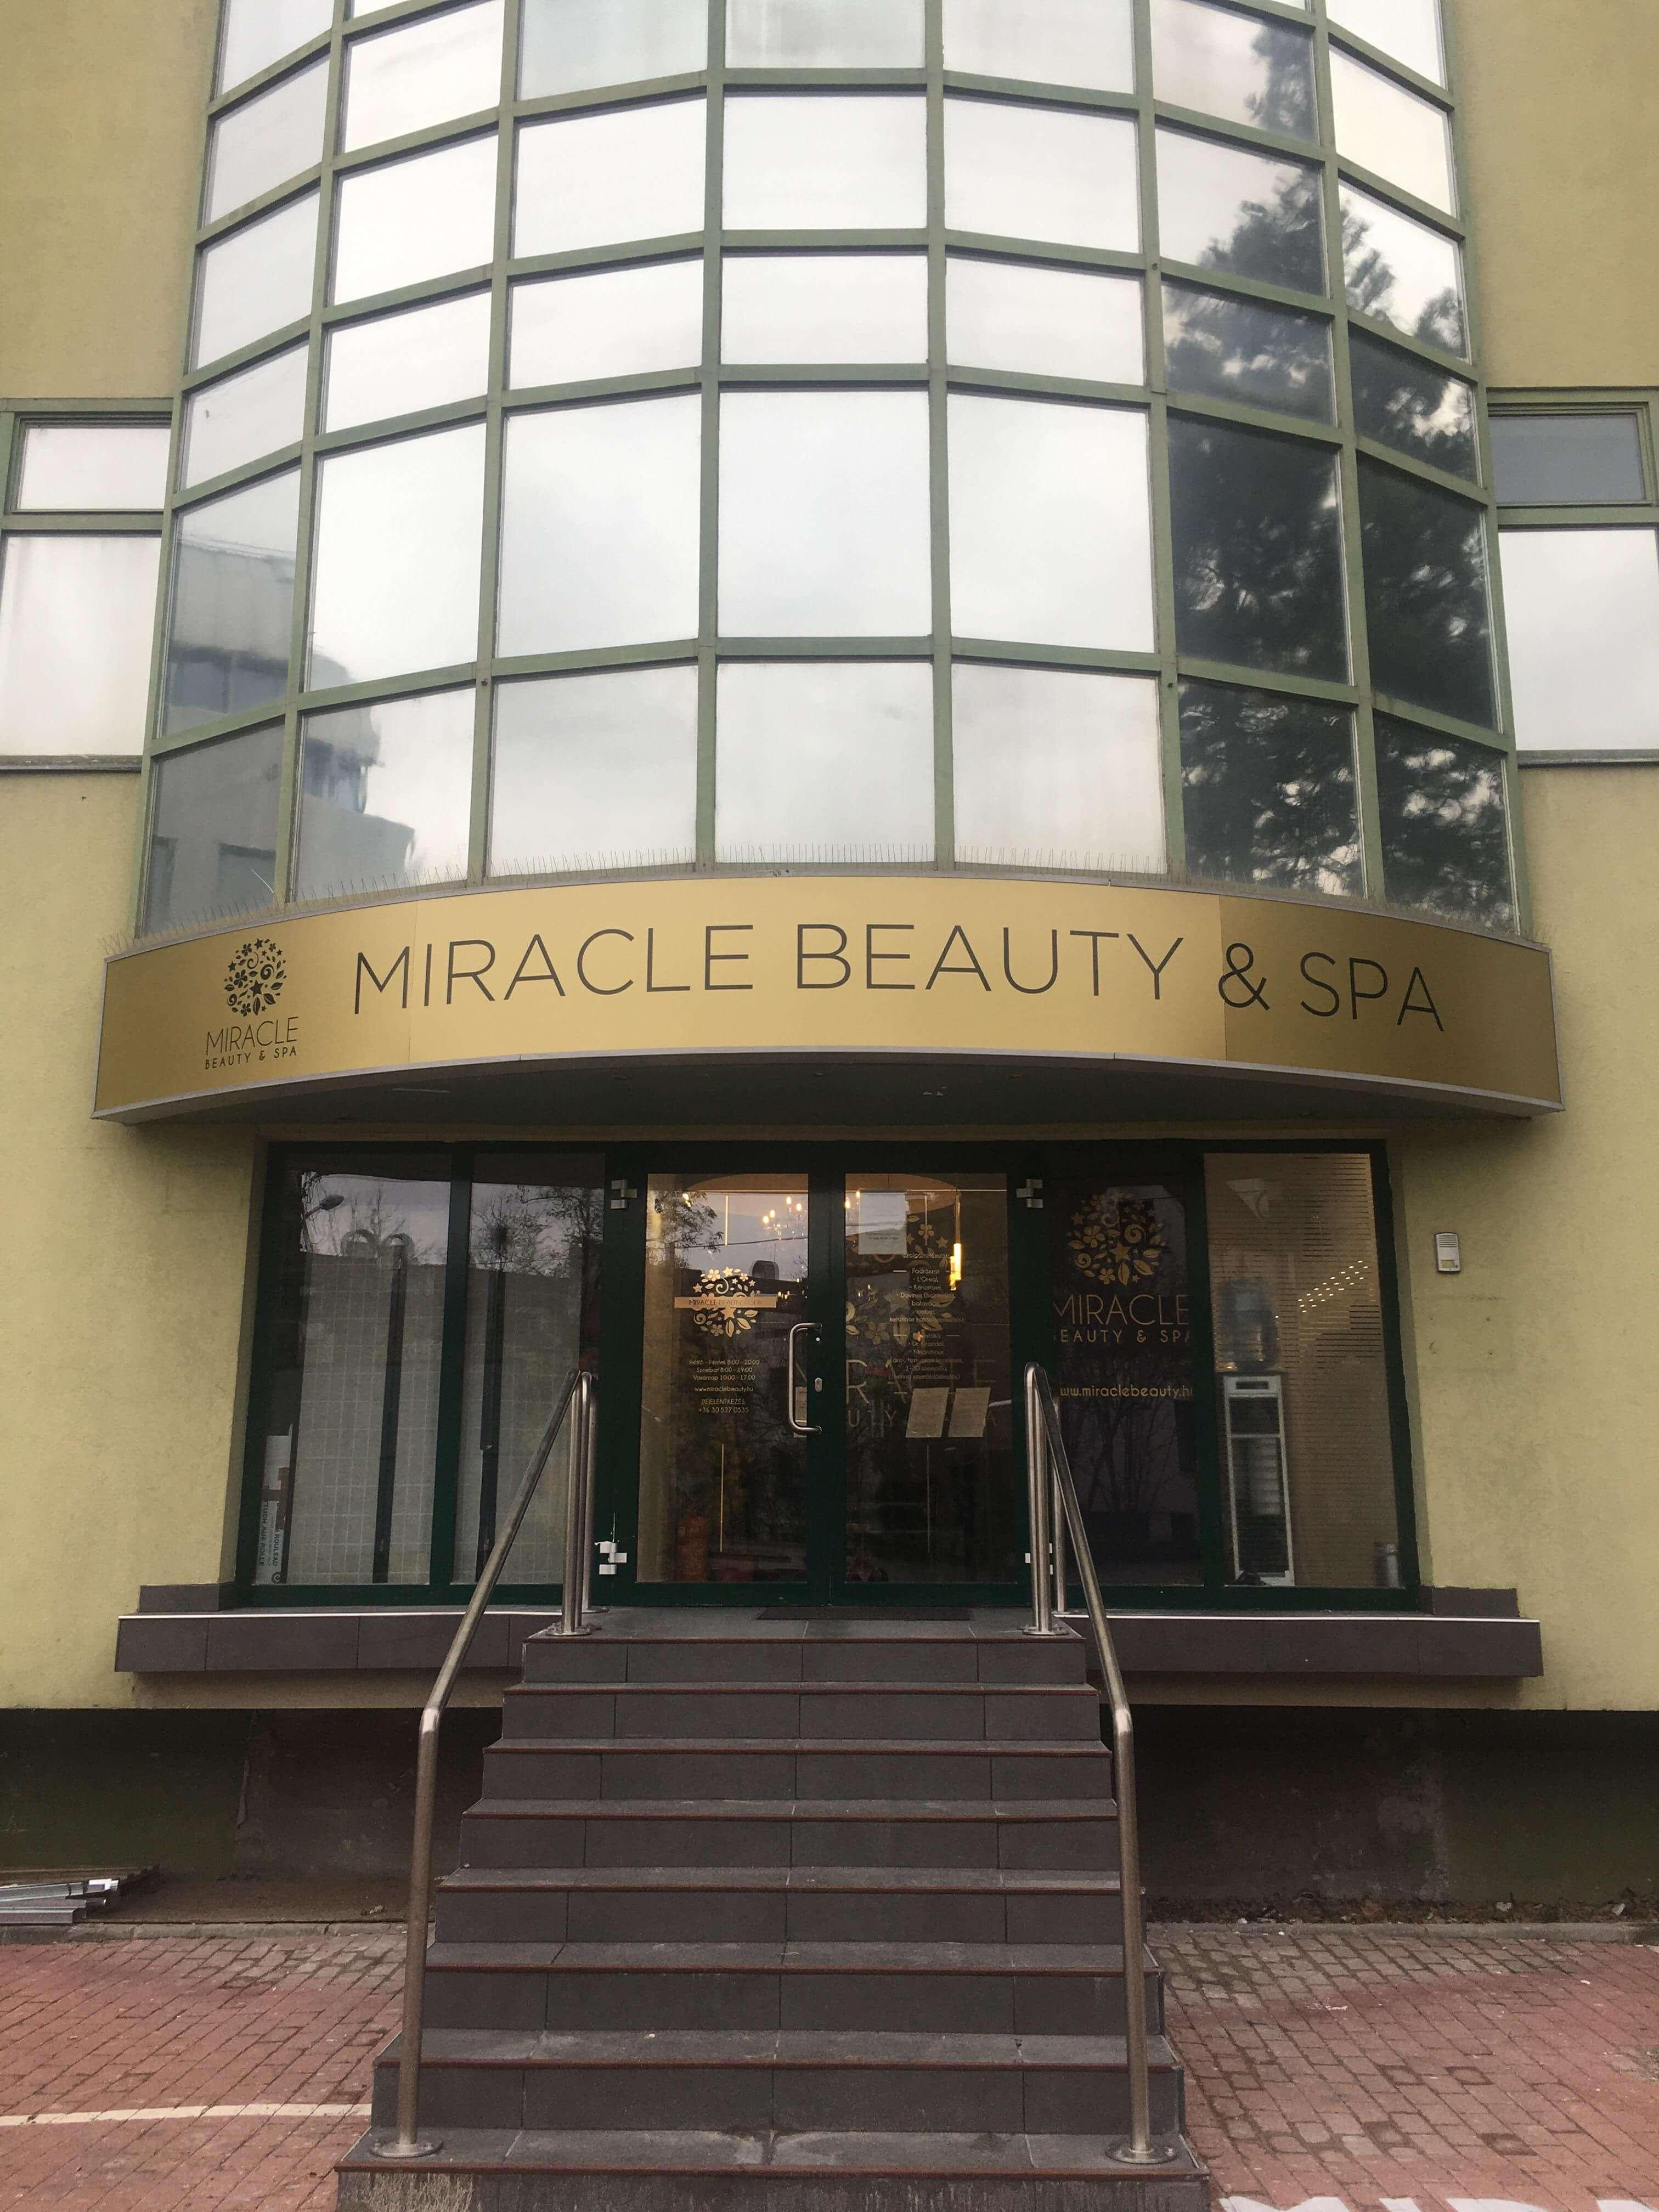 MIRACLE Beauty & Spa - Fodrászat, Lábápolás, Kozmetika, Kézápolás, Egyéb elfoglaltság (V.I.P. vendégek részére), Szempilla-hosszabbítás